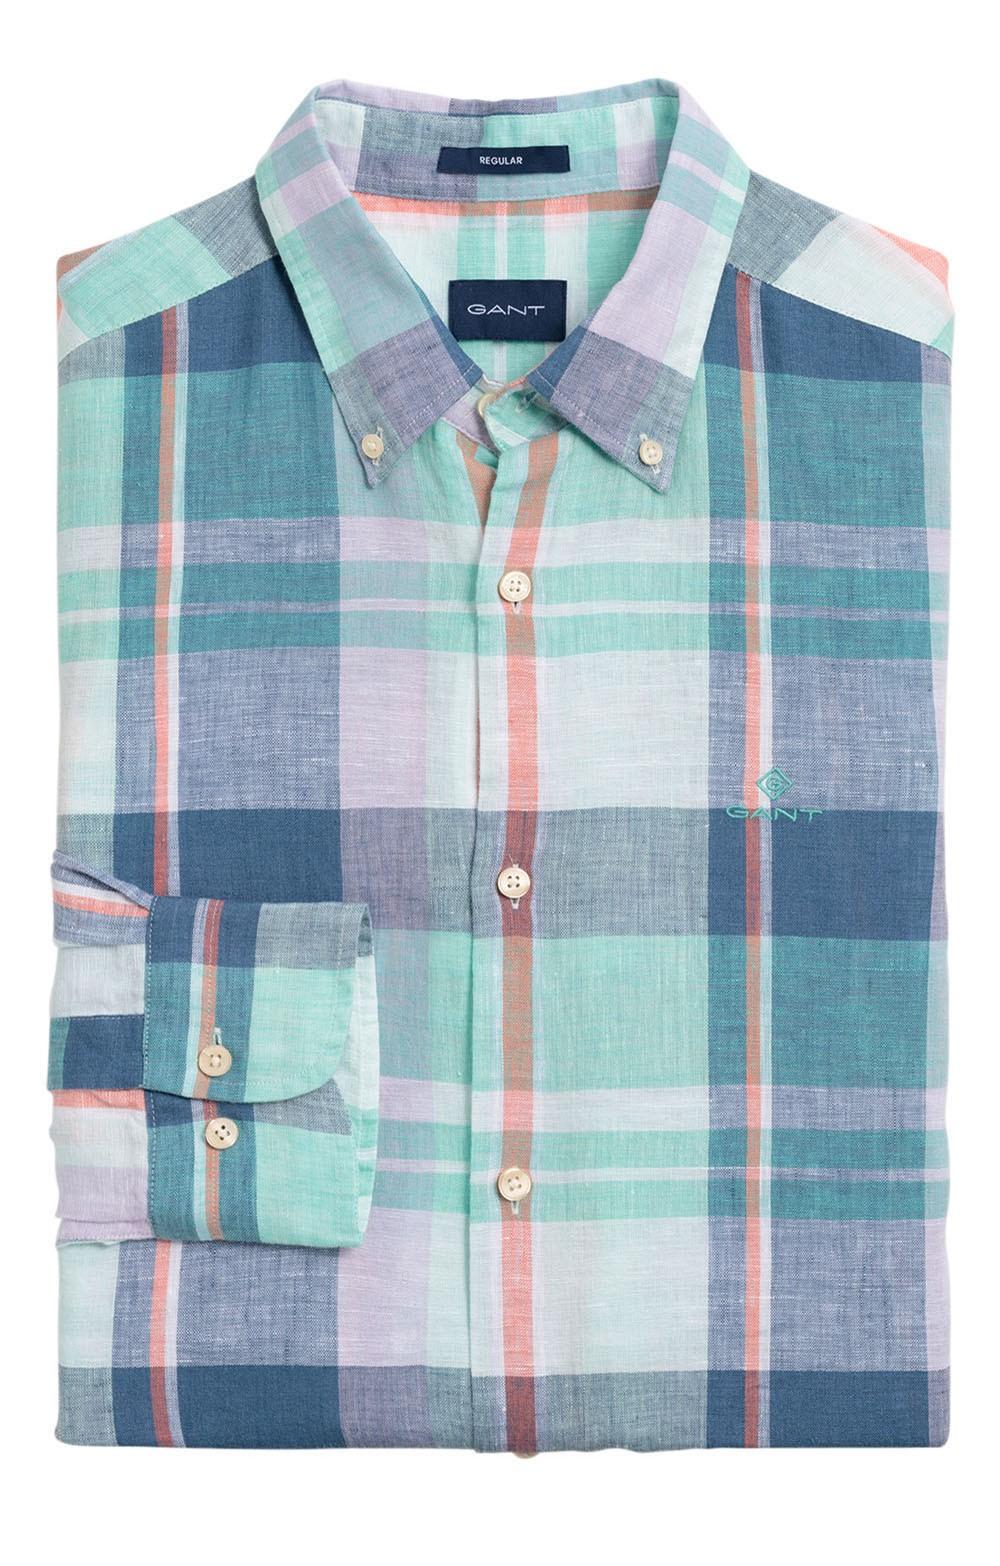 e25754af200596 Men's Gant Madras Linen Shirt - House of Bruar